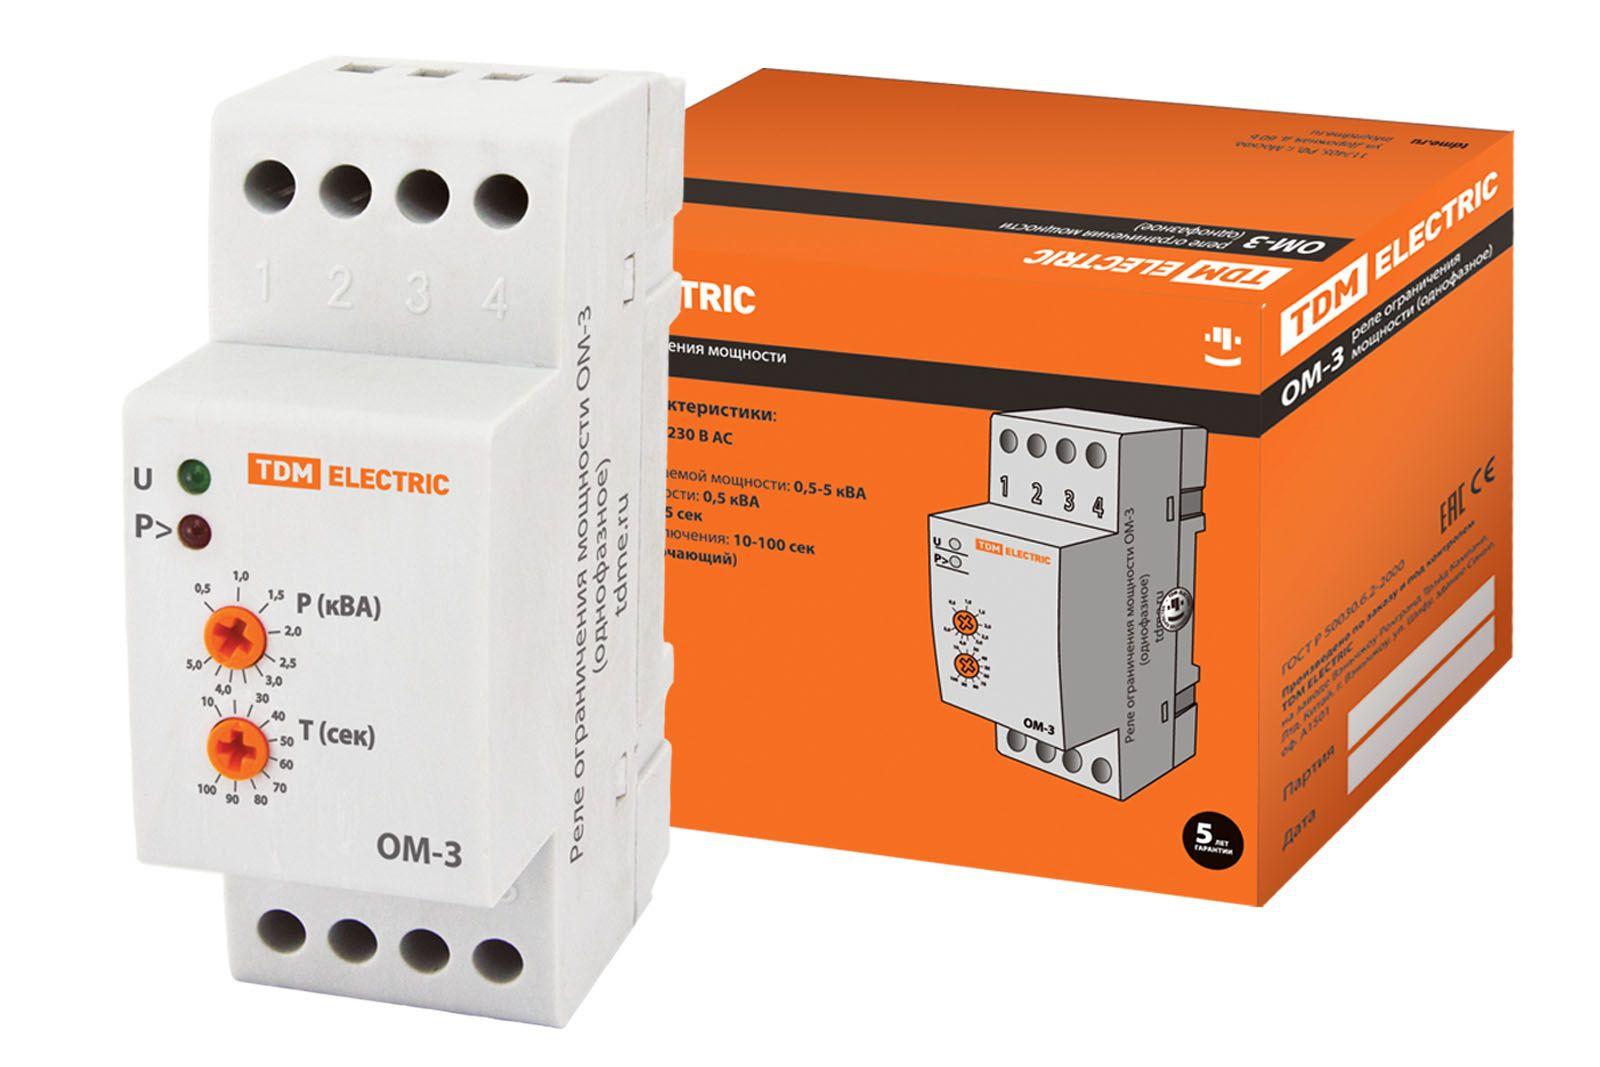 Купить Ограничитель мощности ОМ-3 16А, 230В, 0, 5-5кВА на DIN-рейку TDM, TDM ELECTRIC